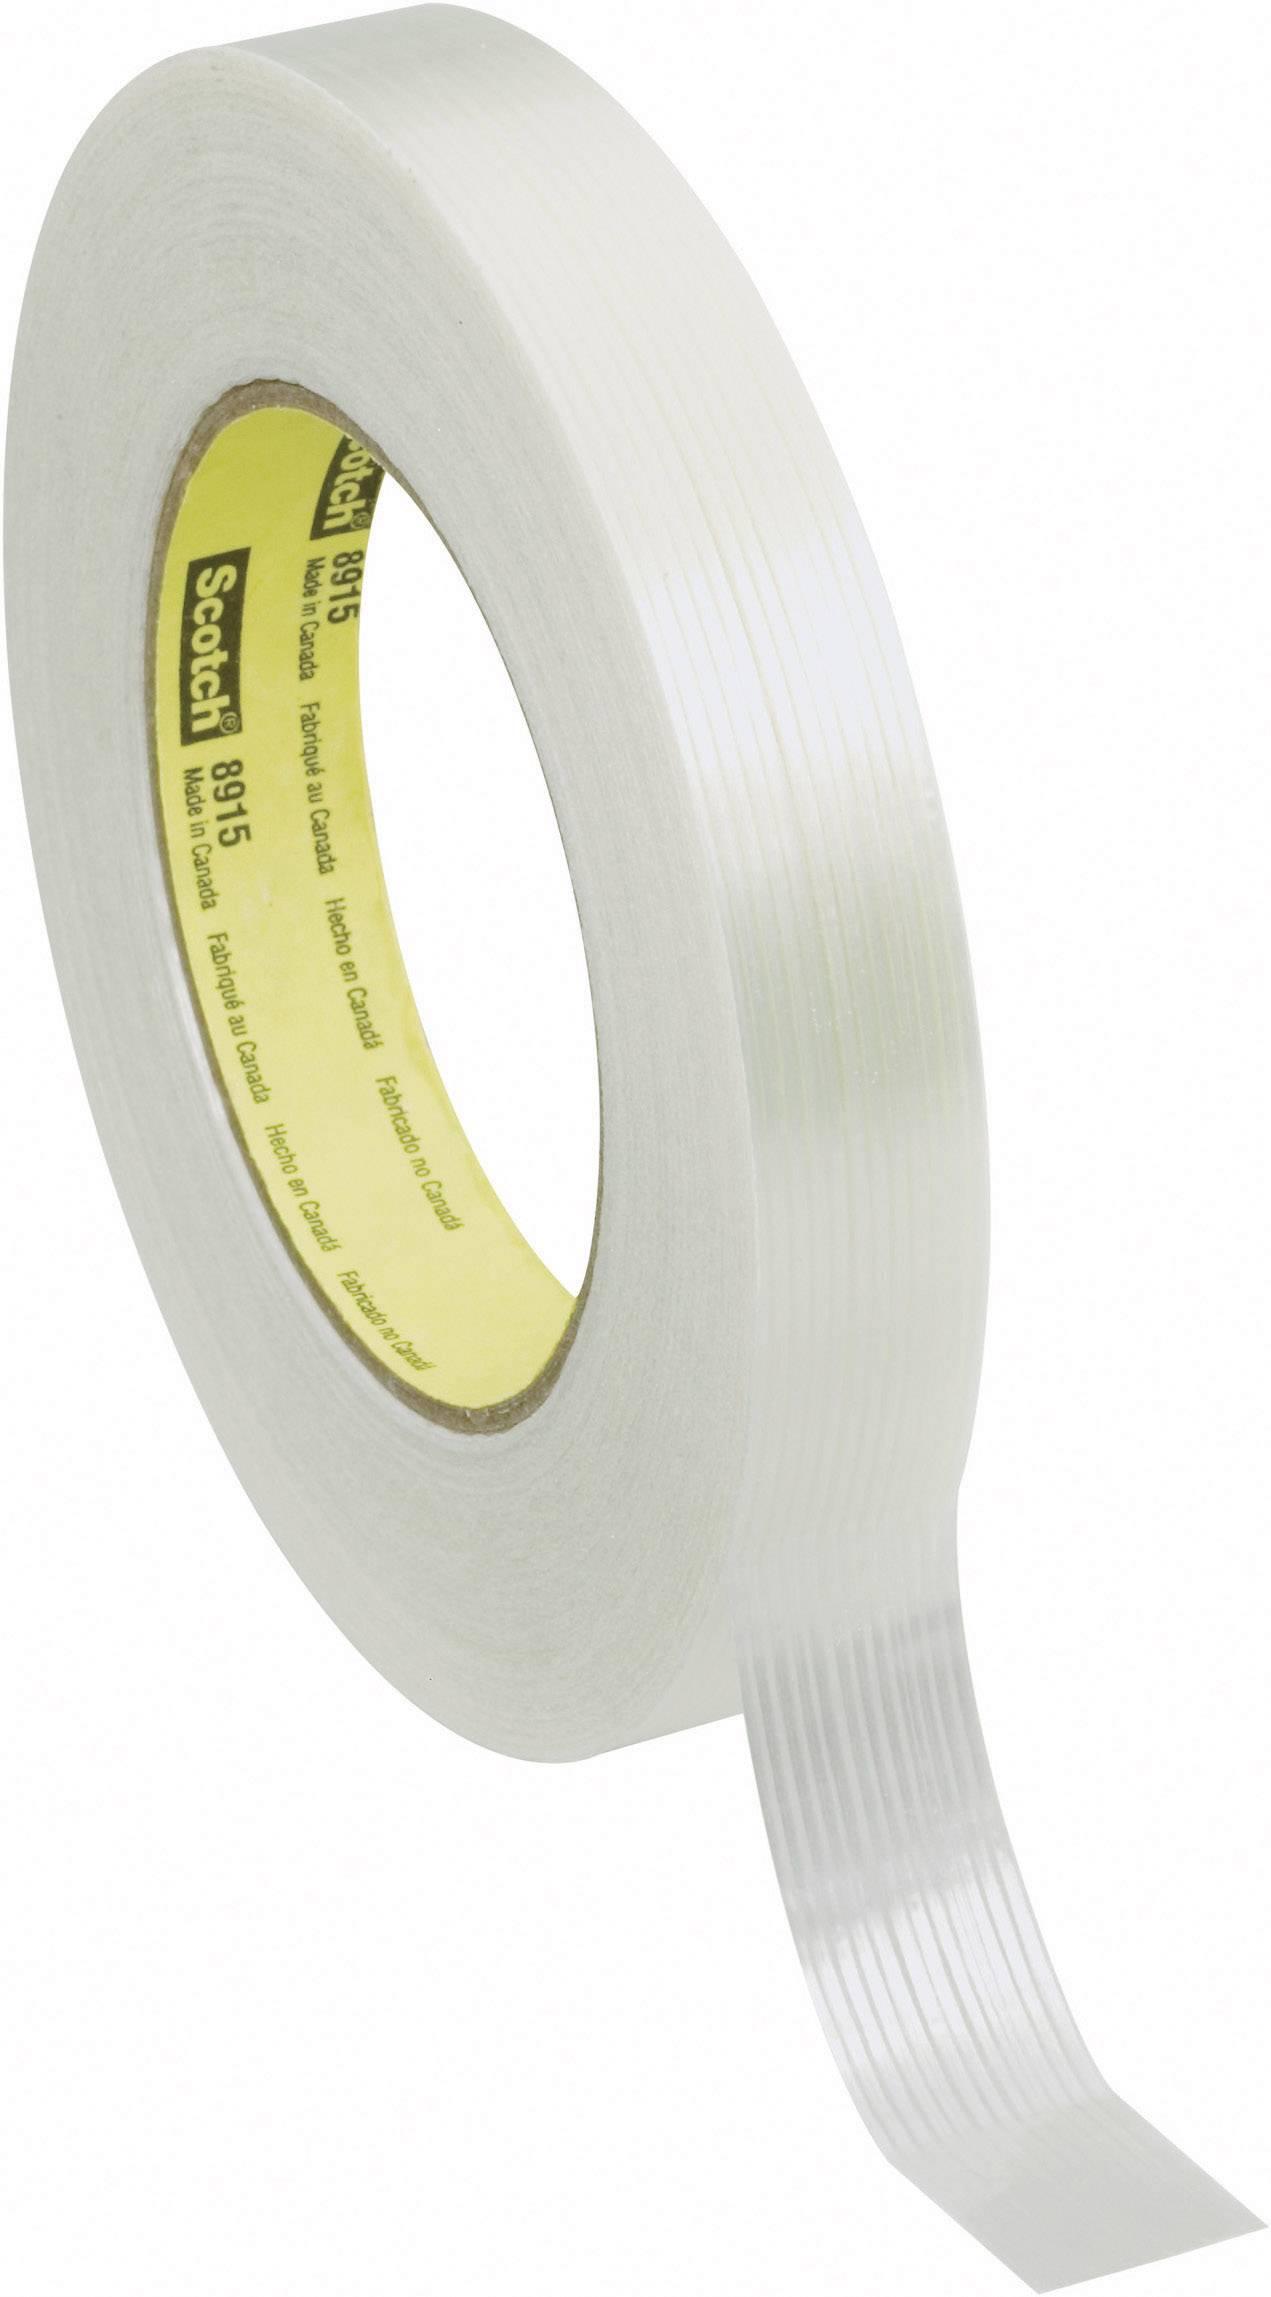 Vláknitá lepiaca páska 3M 8915 70-0061-5846-6, (d x š) 55 m x 36 mm, priehľadná, 1 roliek